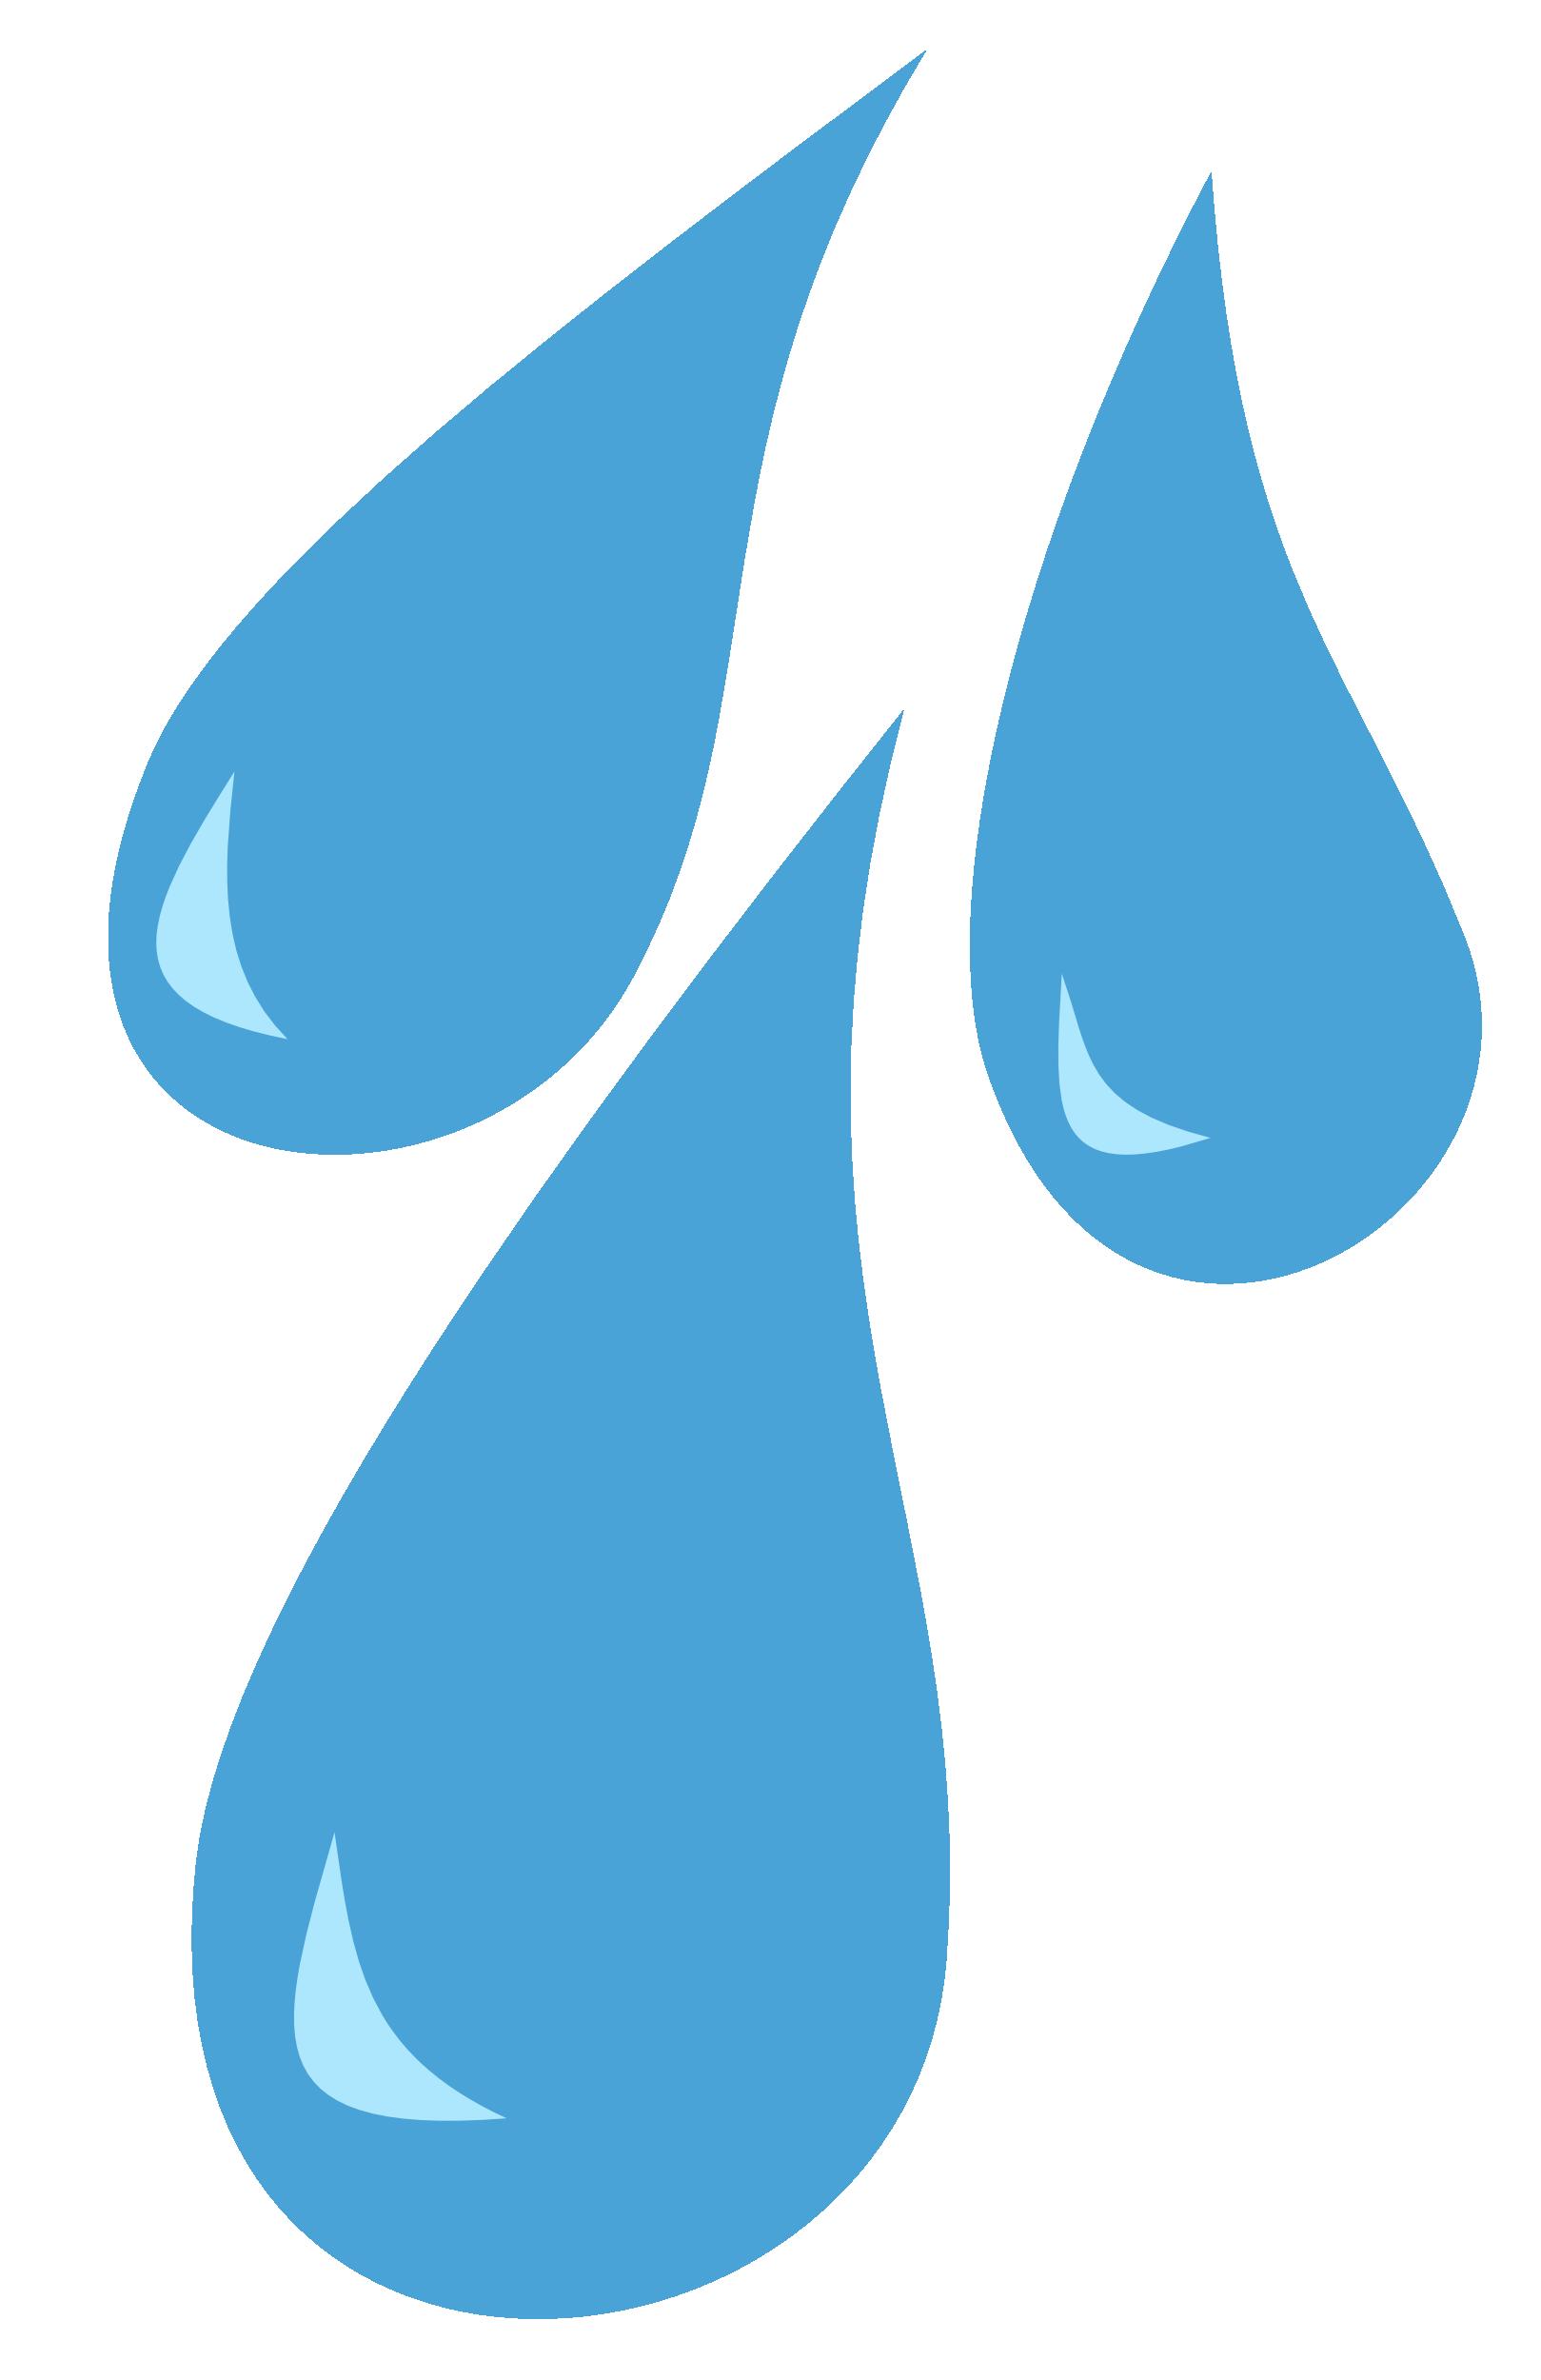 Water Drop Cutie Mark